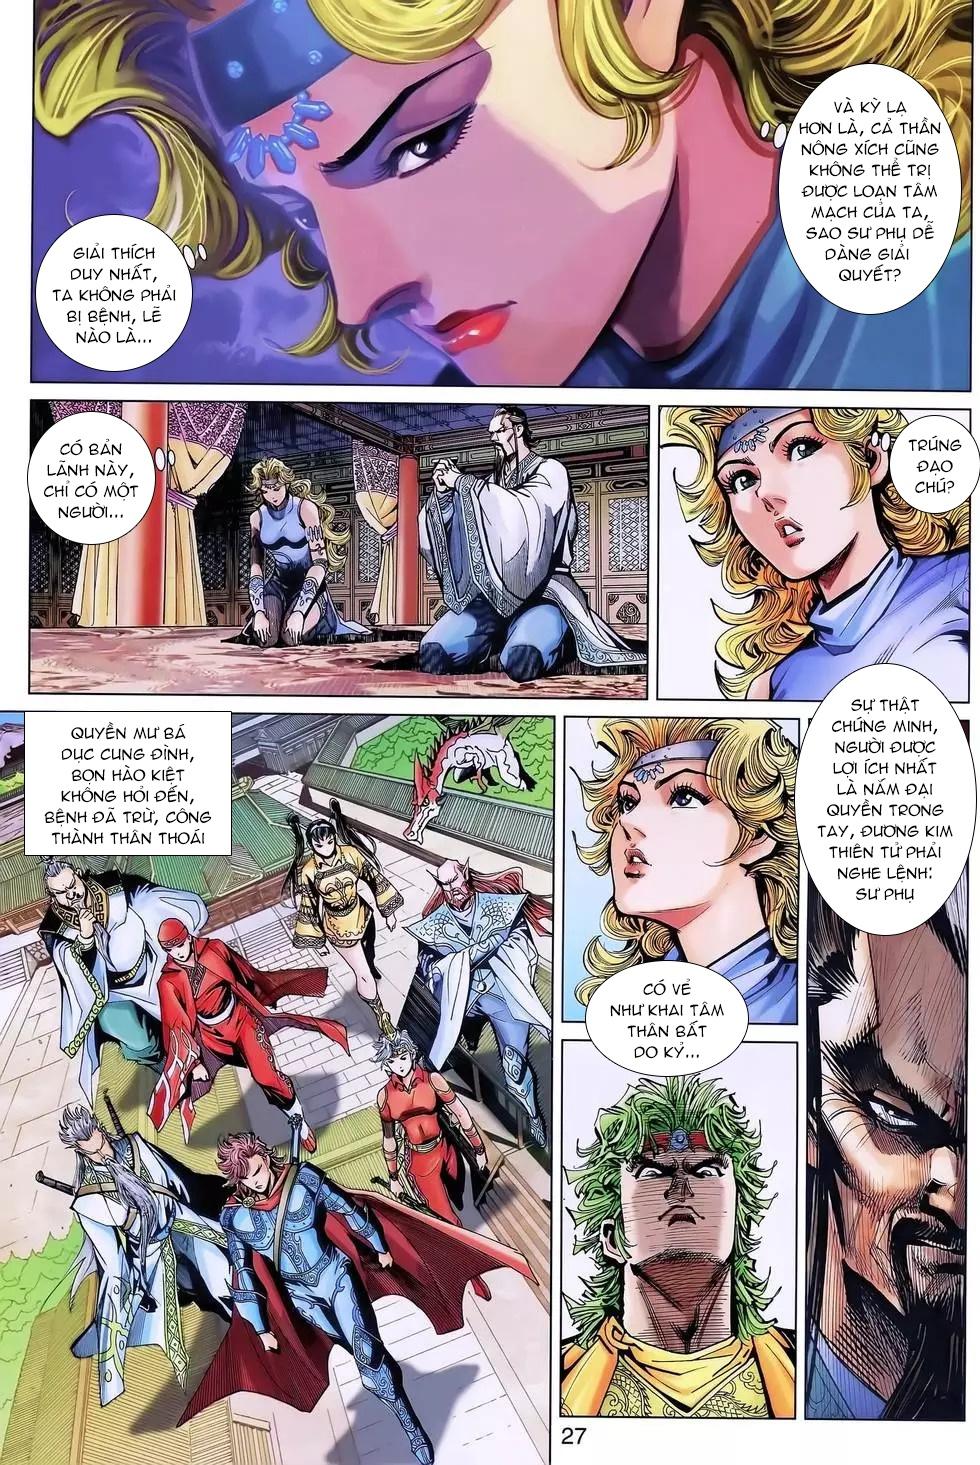 Thần binh huyền kỳ 3 - 3.5 tập 185 - 12